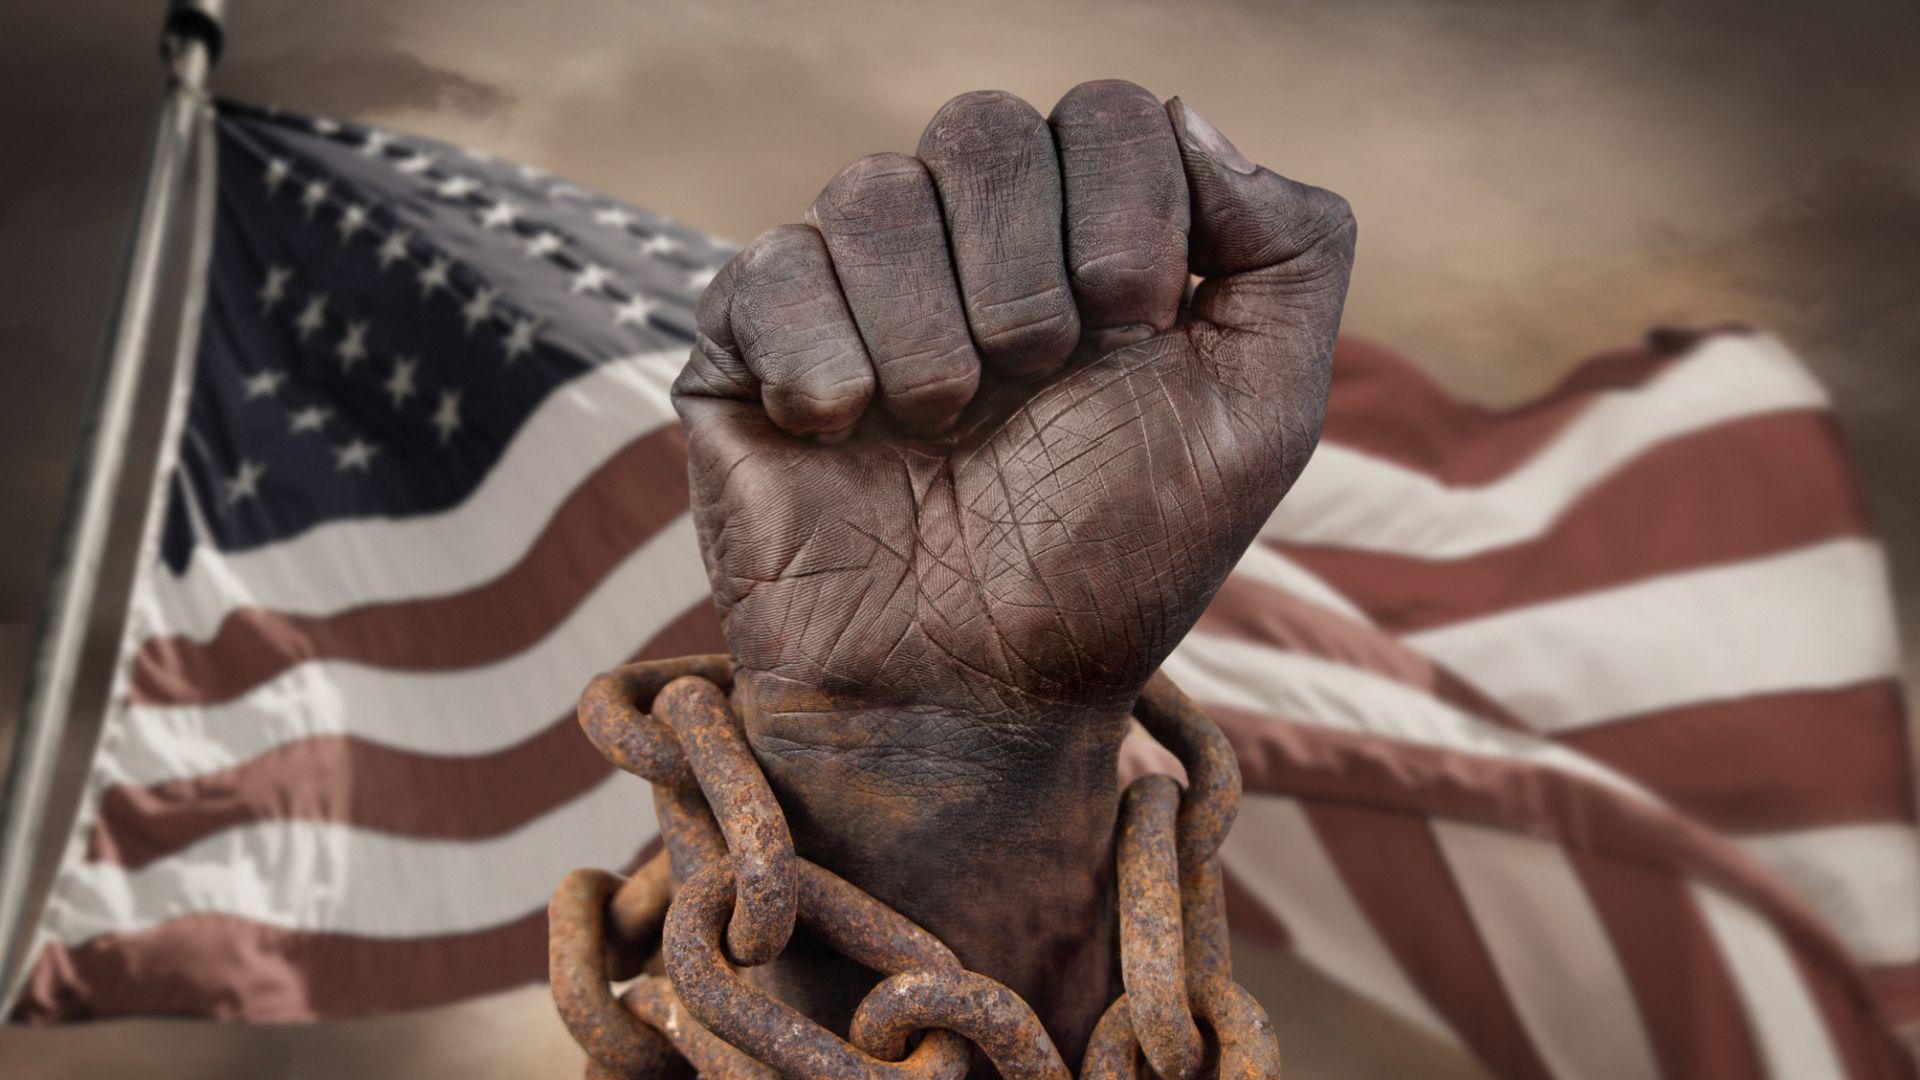 Президентът на САЩ подписа закон, с който 19 юни става национален празник за края на робството